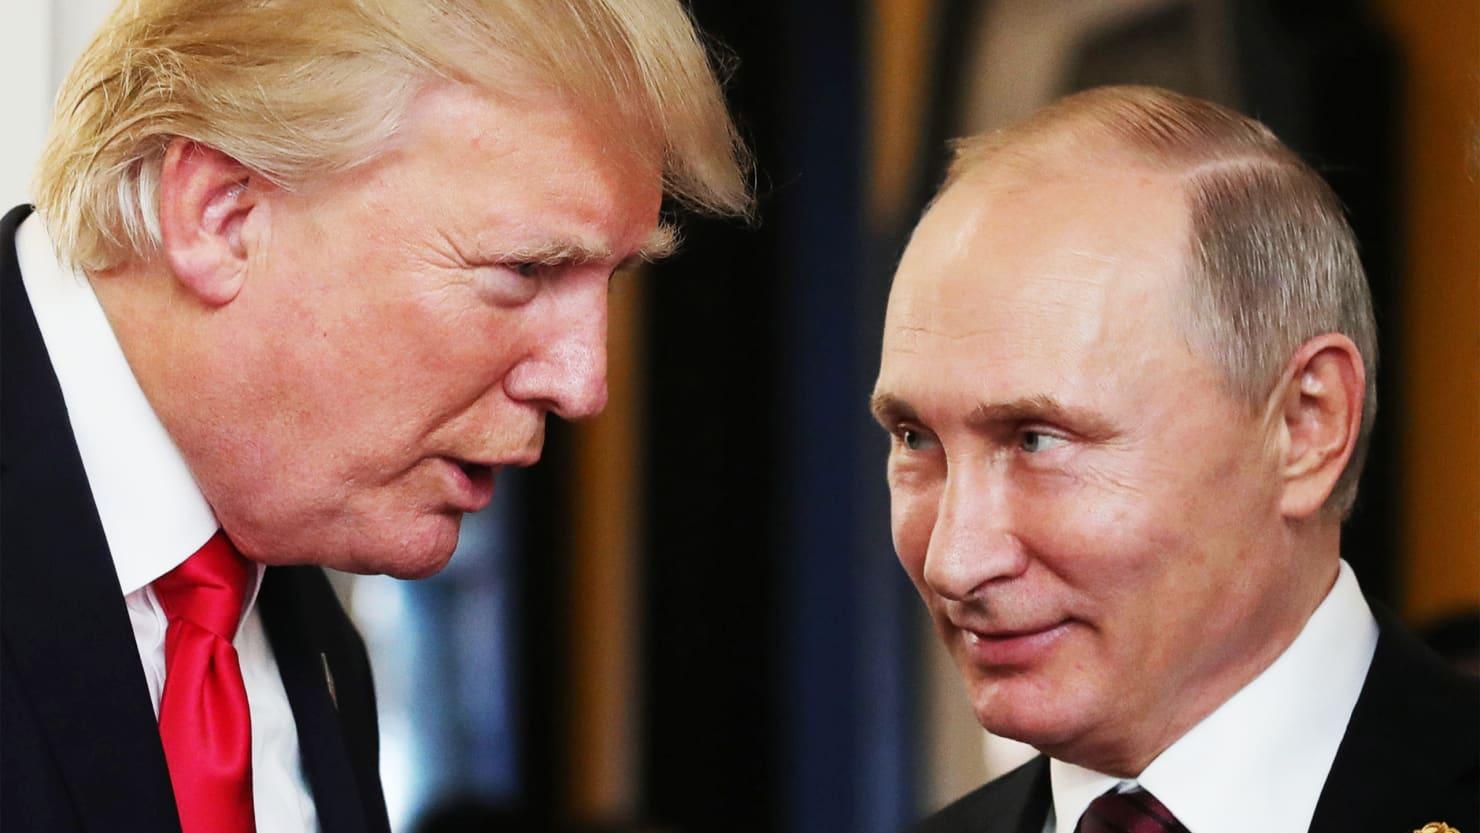 Наибольшие шансы убедить Путина освободить Сенцова были у Трампа